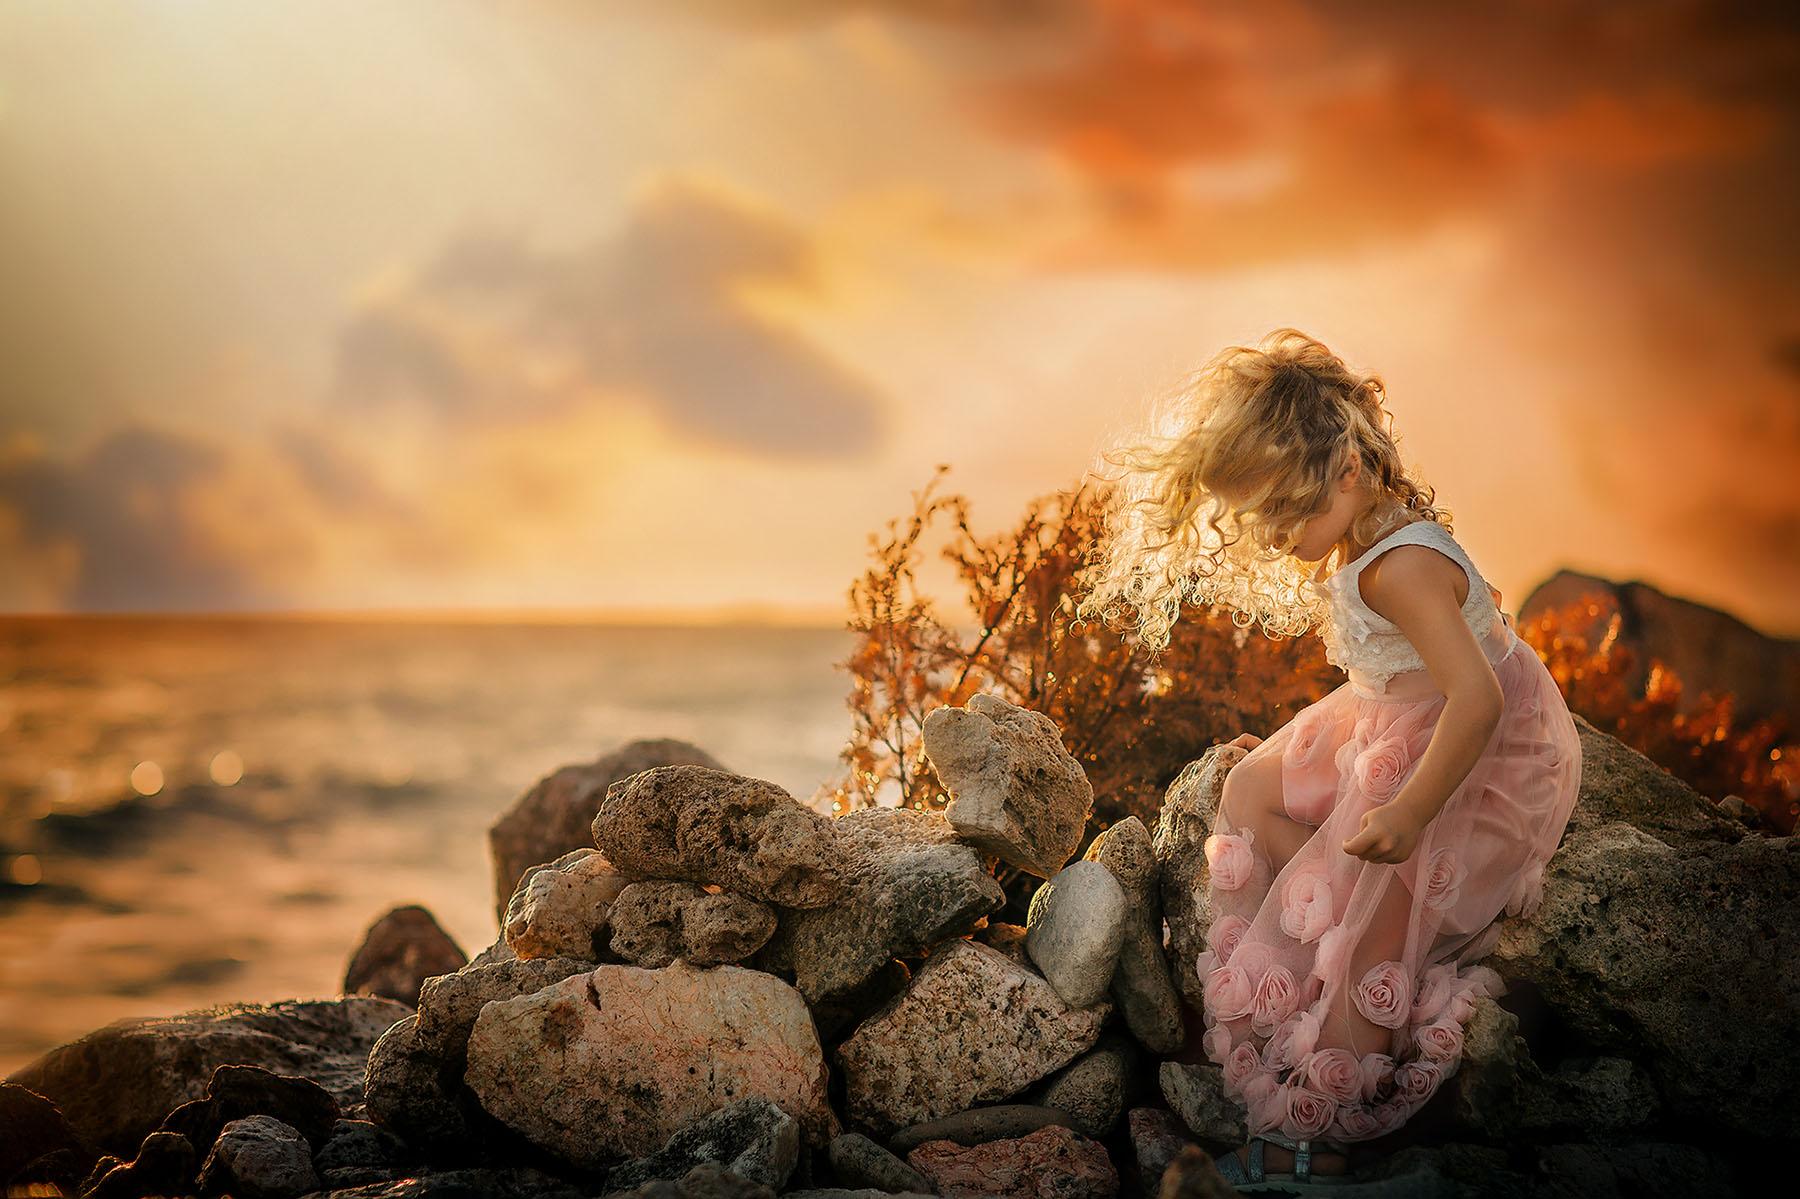 Fine art Canon Golden hour portret voor de fotografie opleiding the masters of color and light van een klein meisje met blond krullend haar zittend op de rotsen op het strand van willemstad in Curacao door Willie Kers